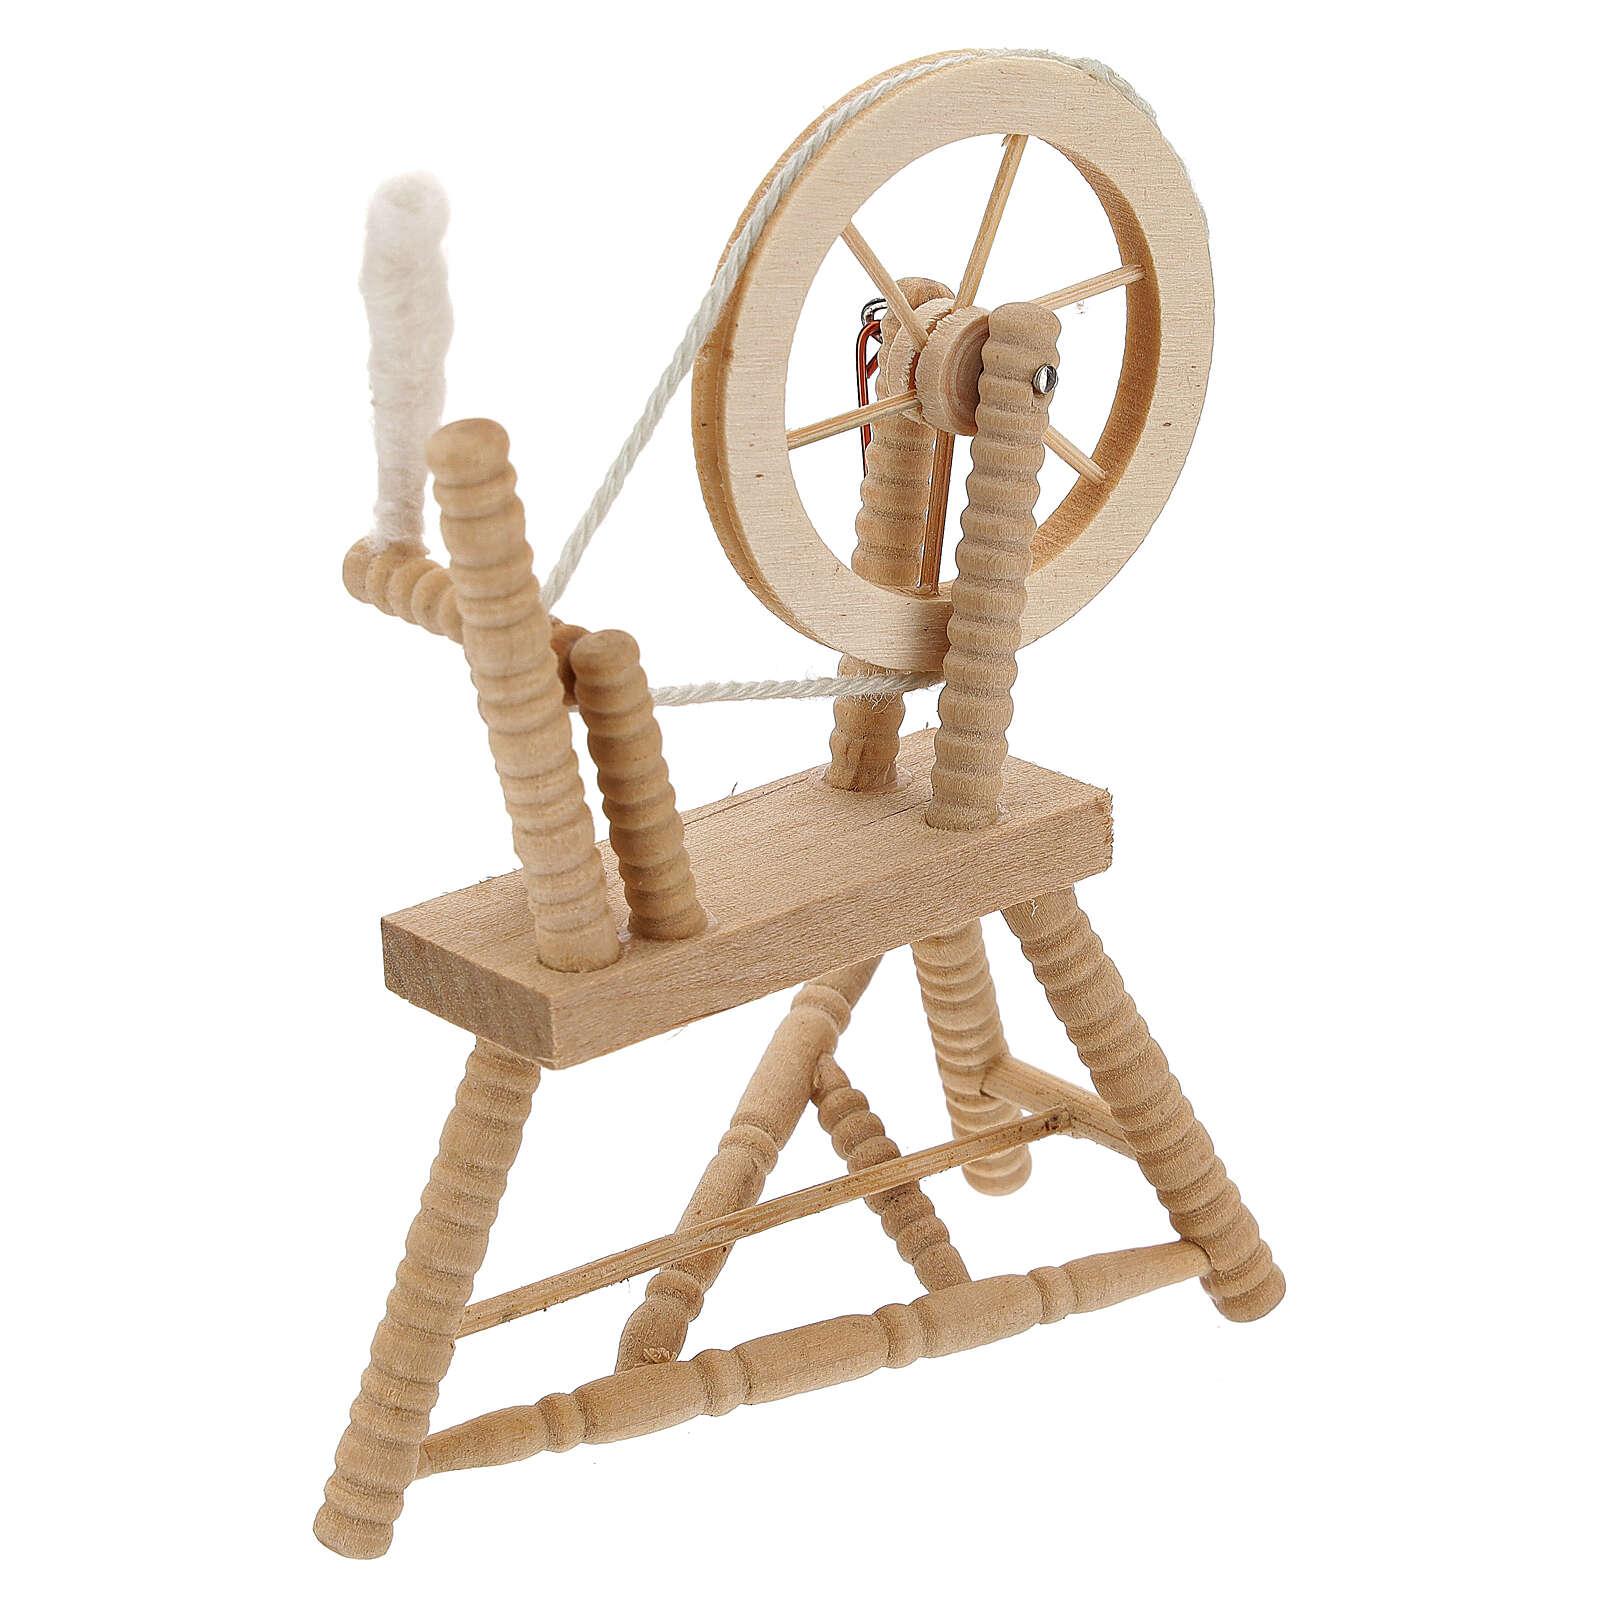 Máquina hiladora lana madera clara belén 12 cm 4